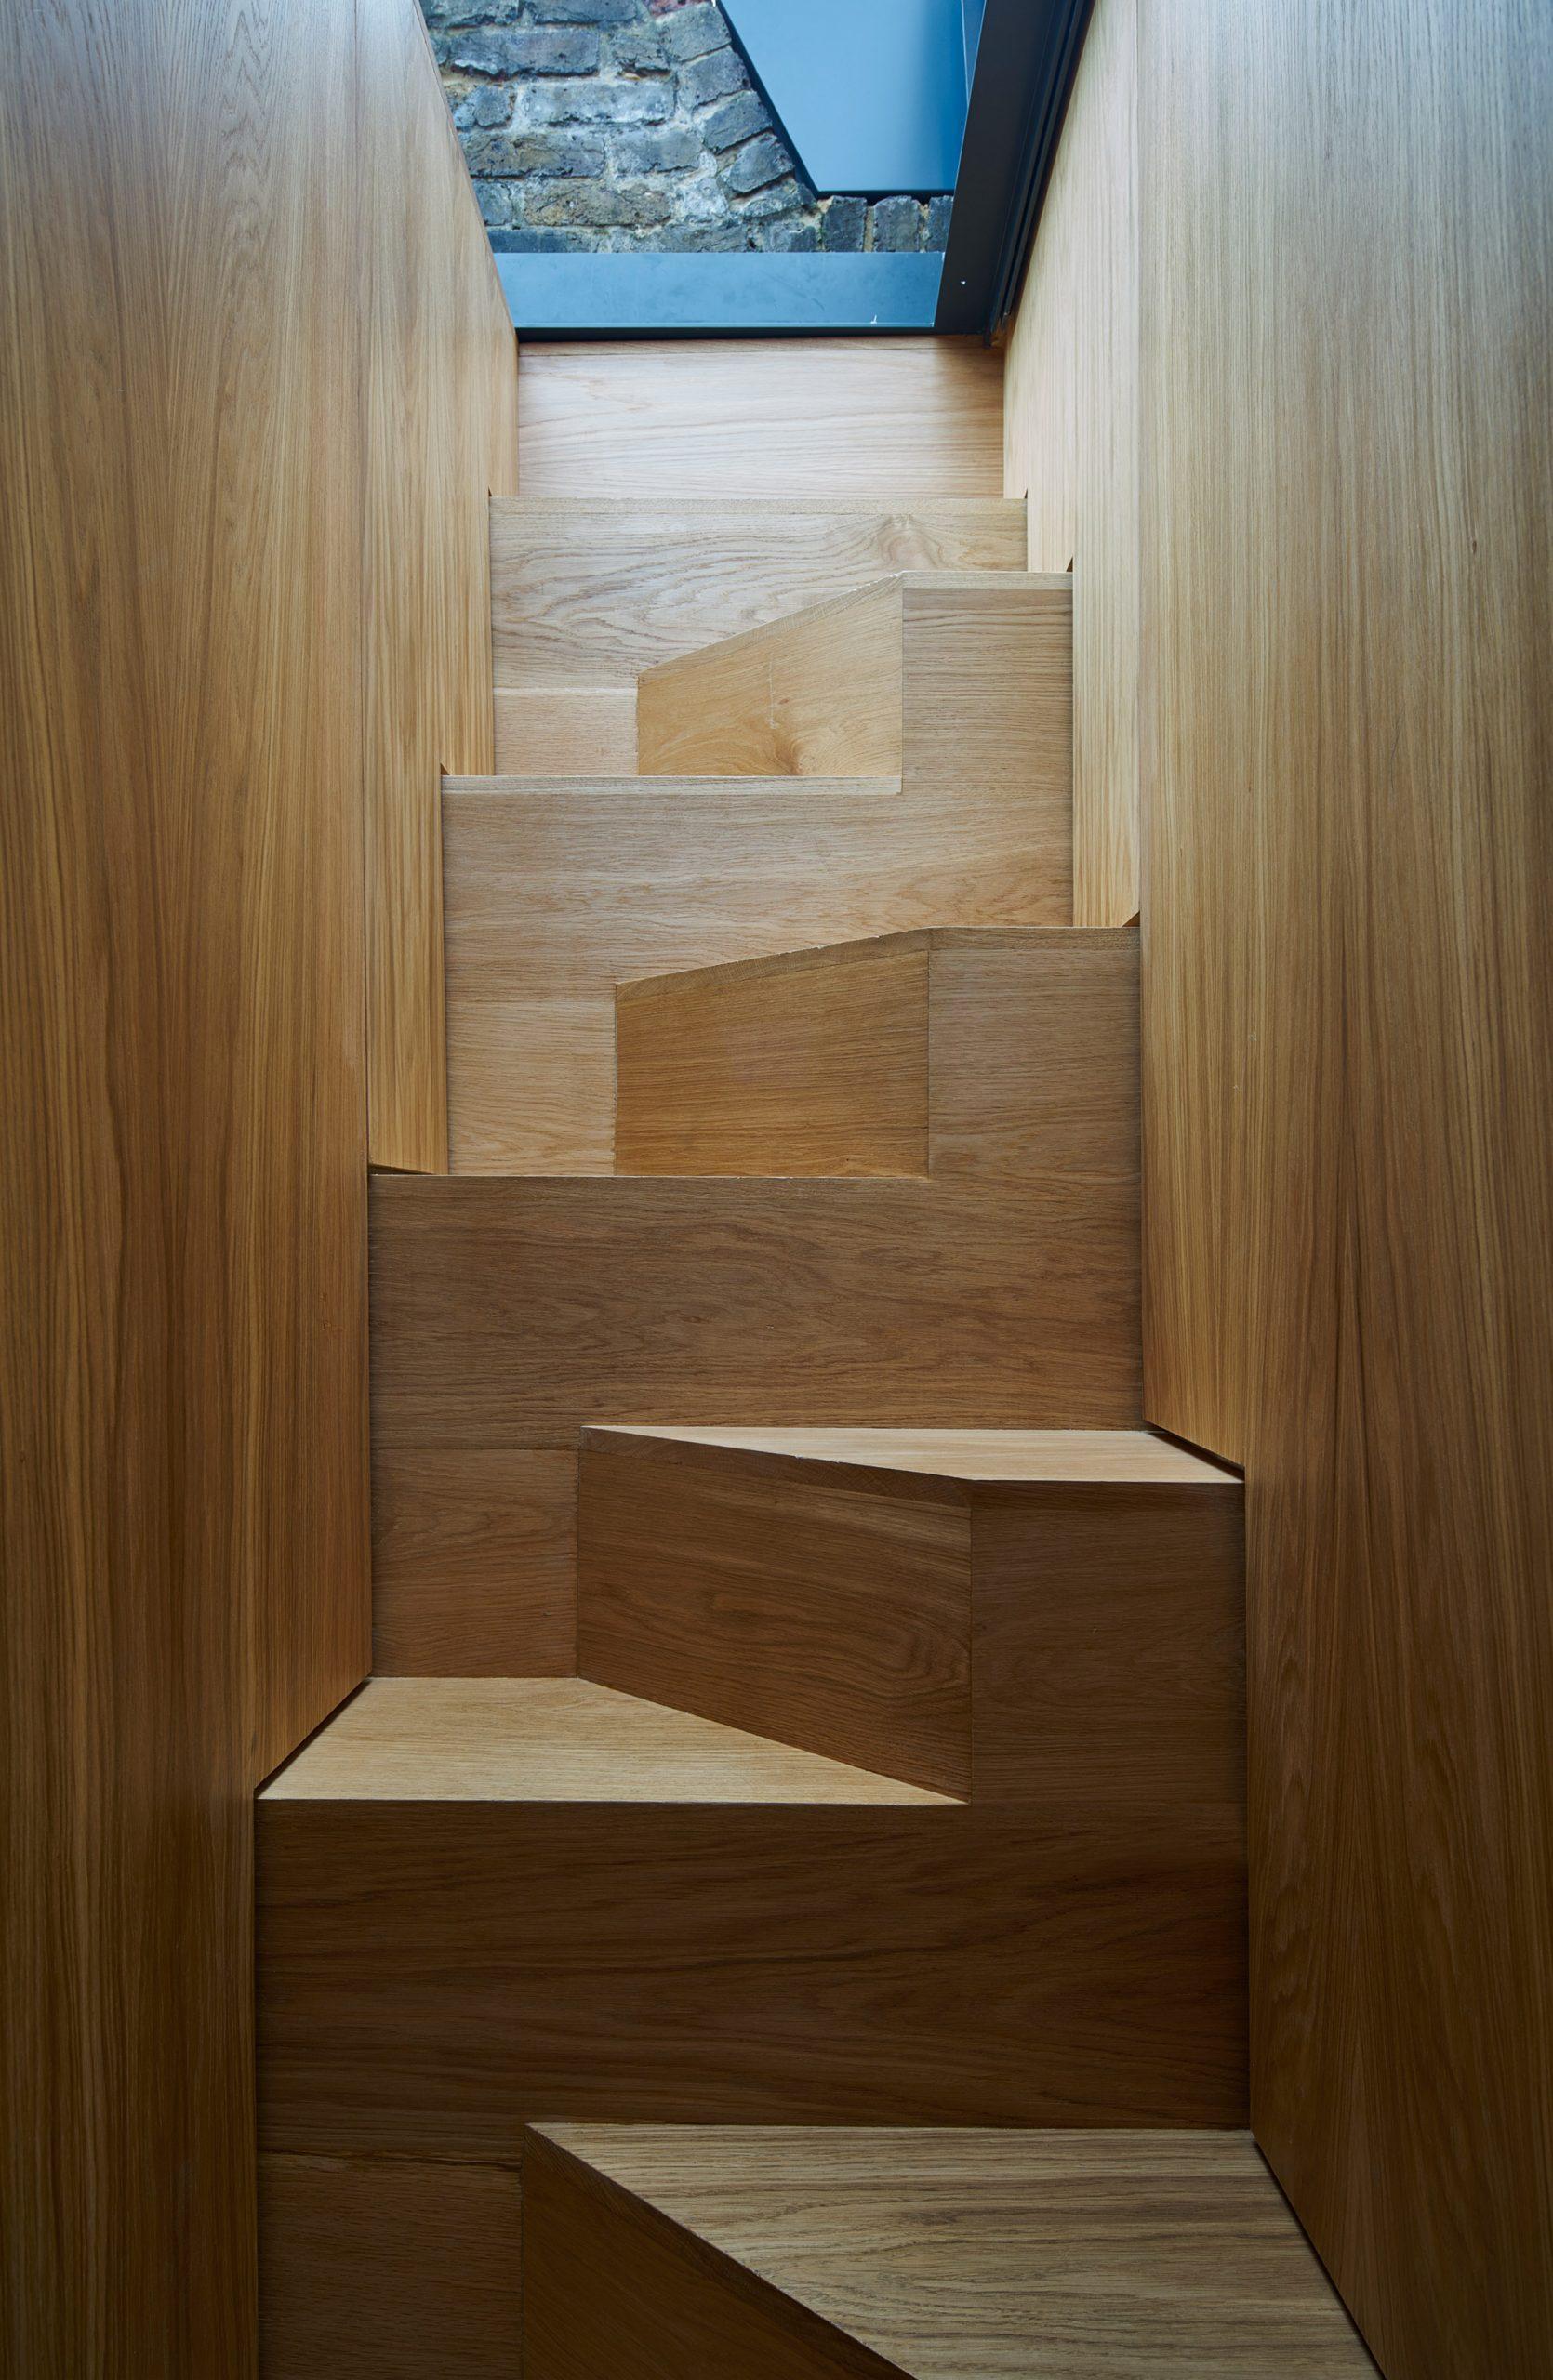 Thiết kế nhà gỗ hiện đại 7